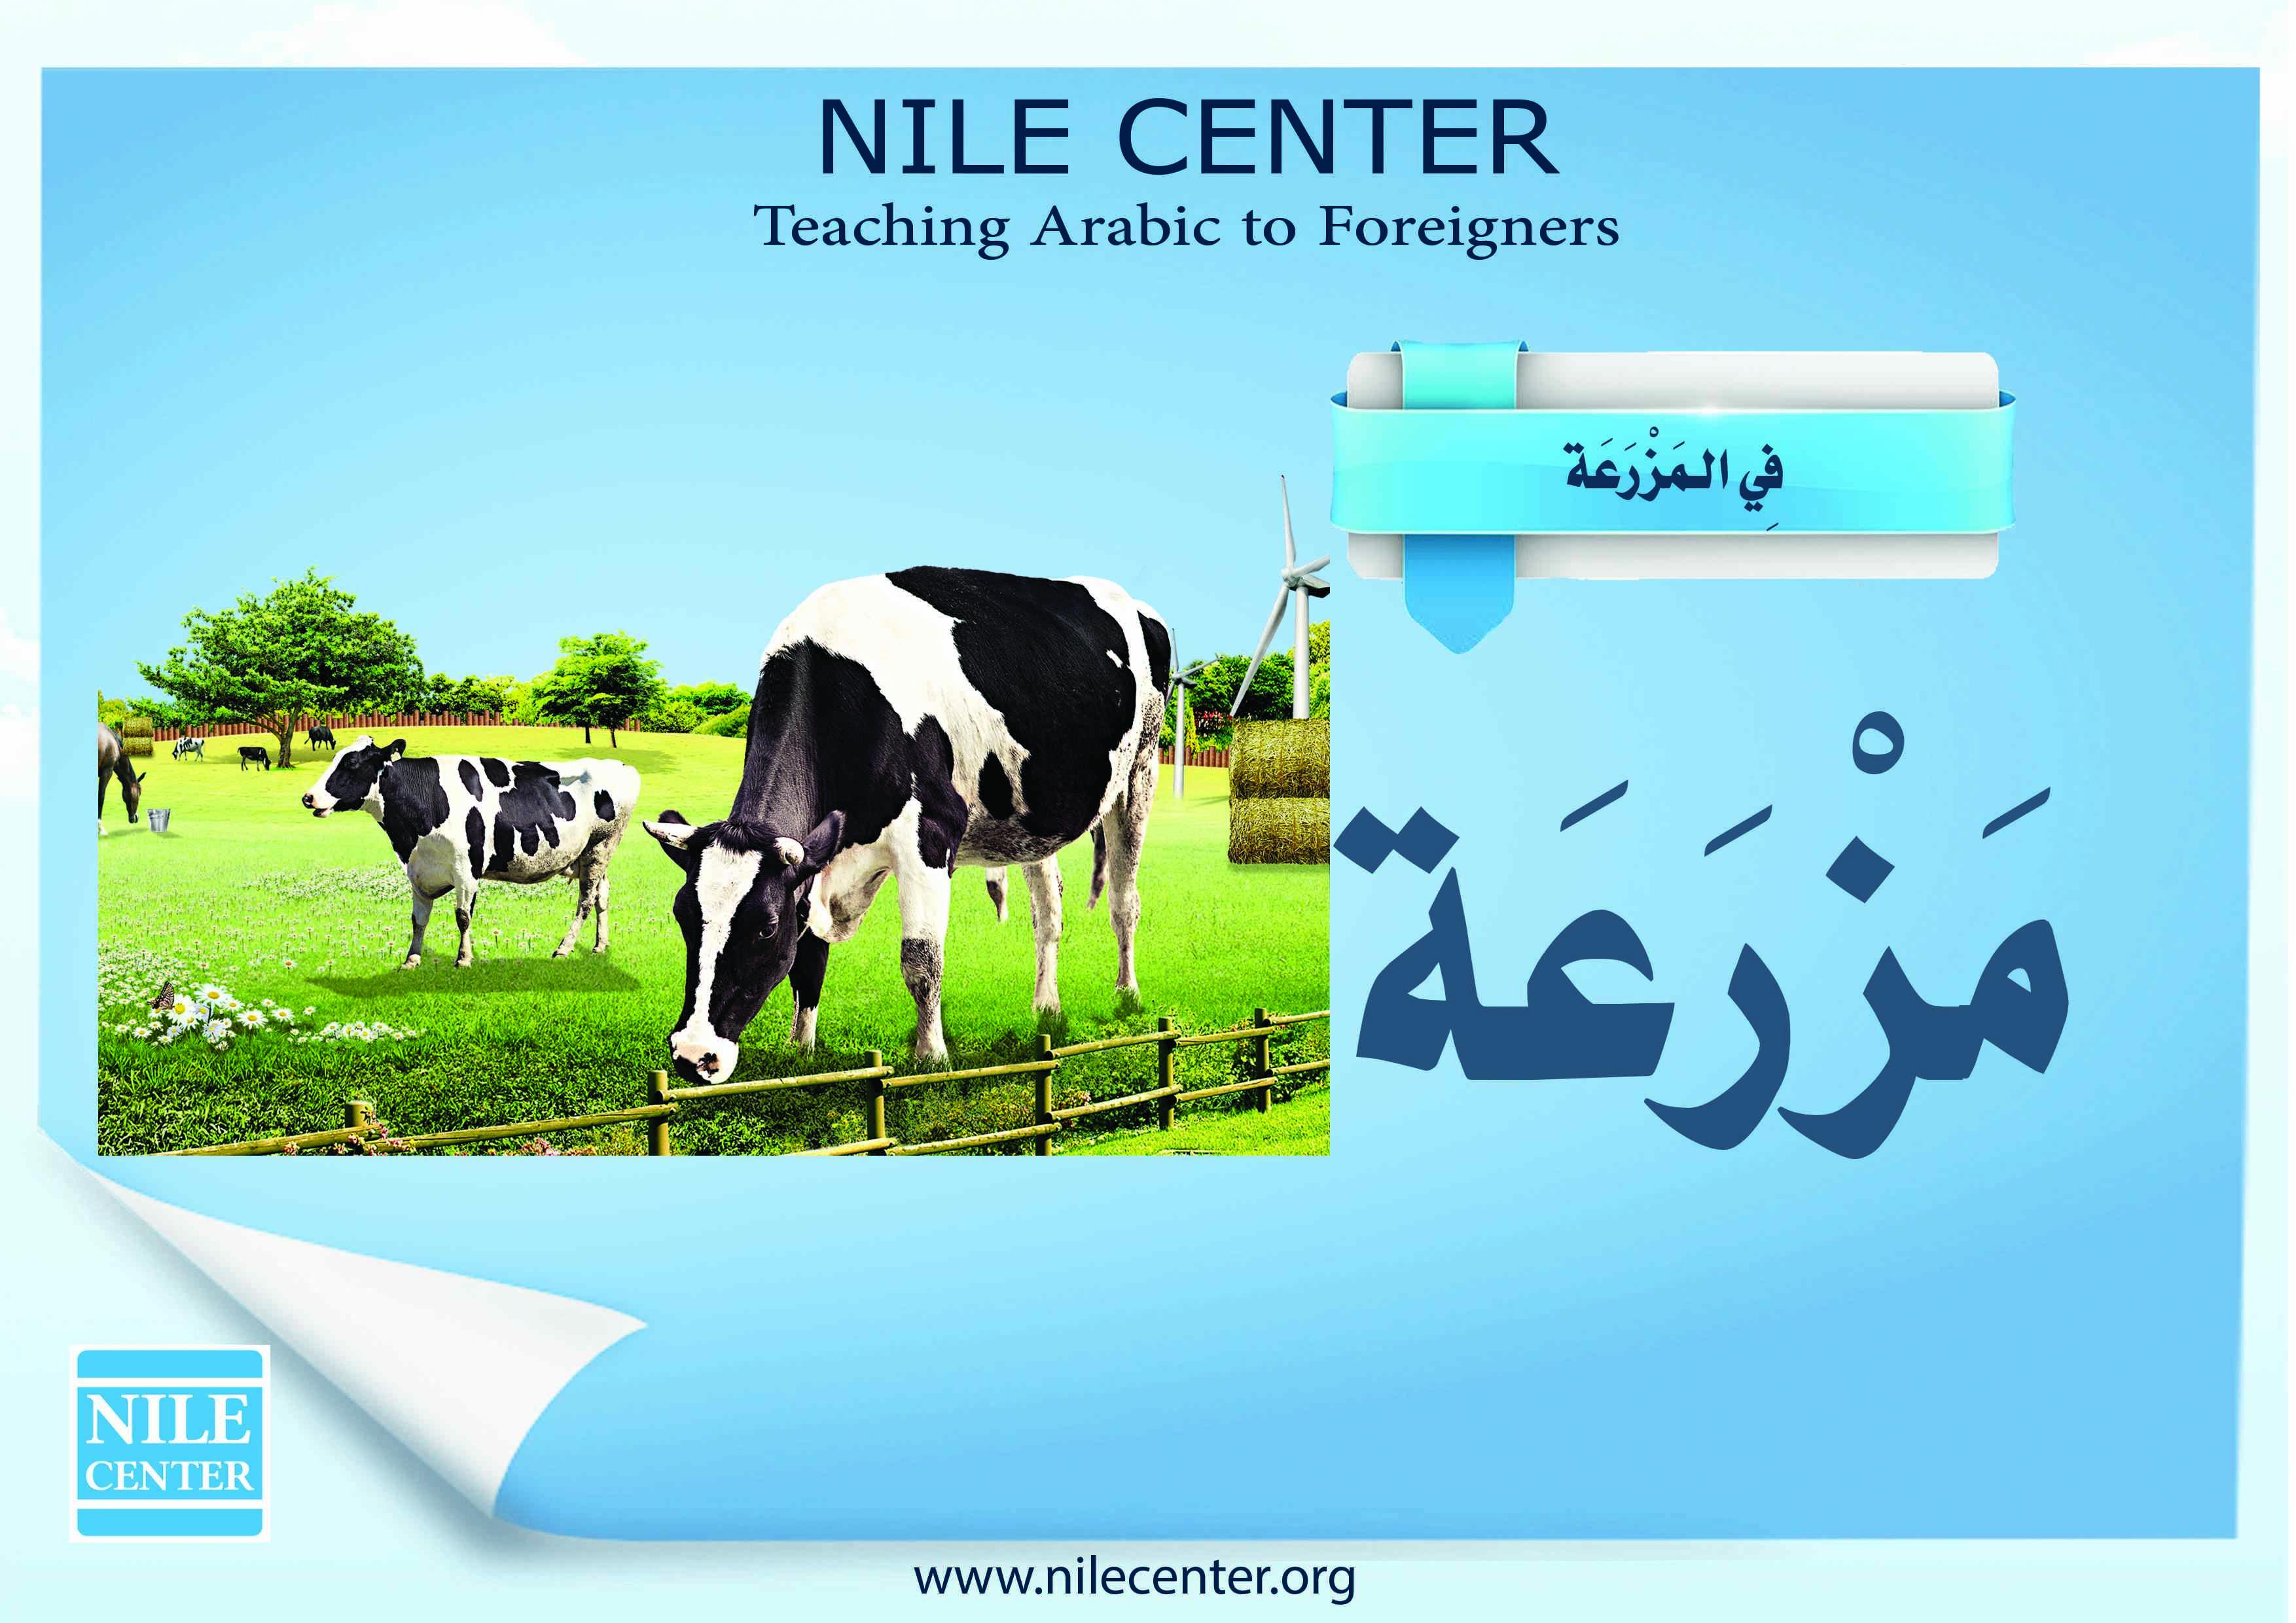 On the Farm in Arabic